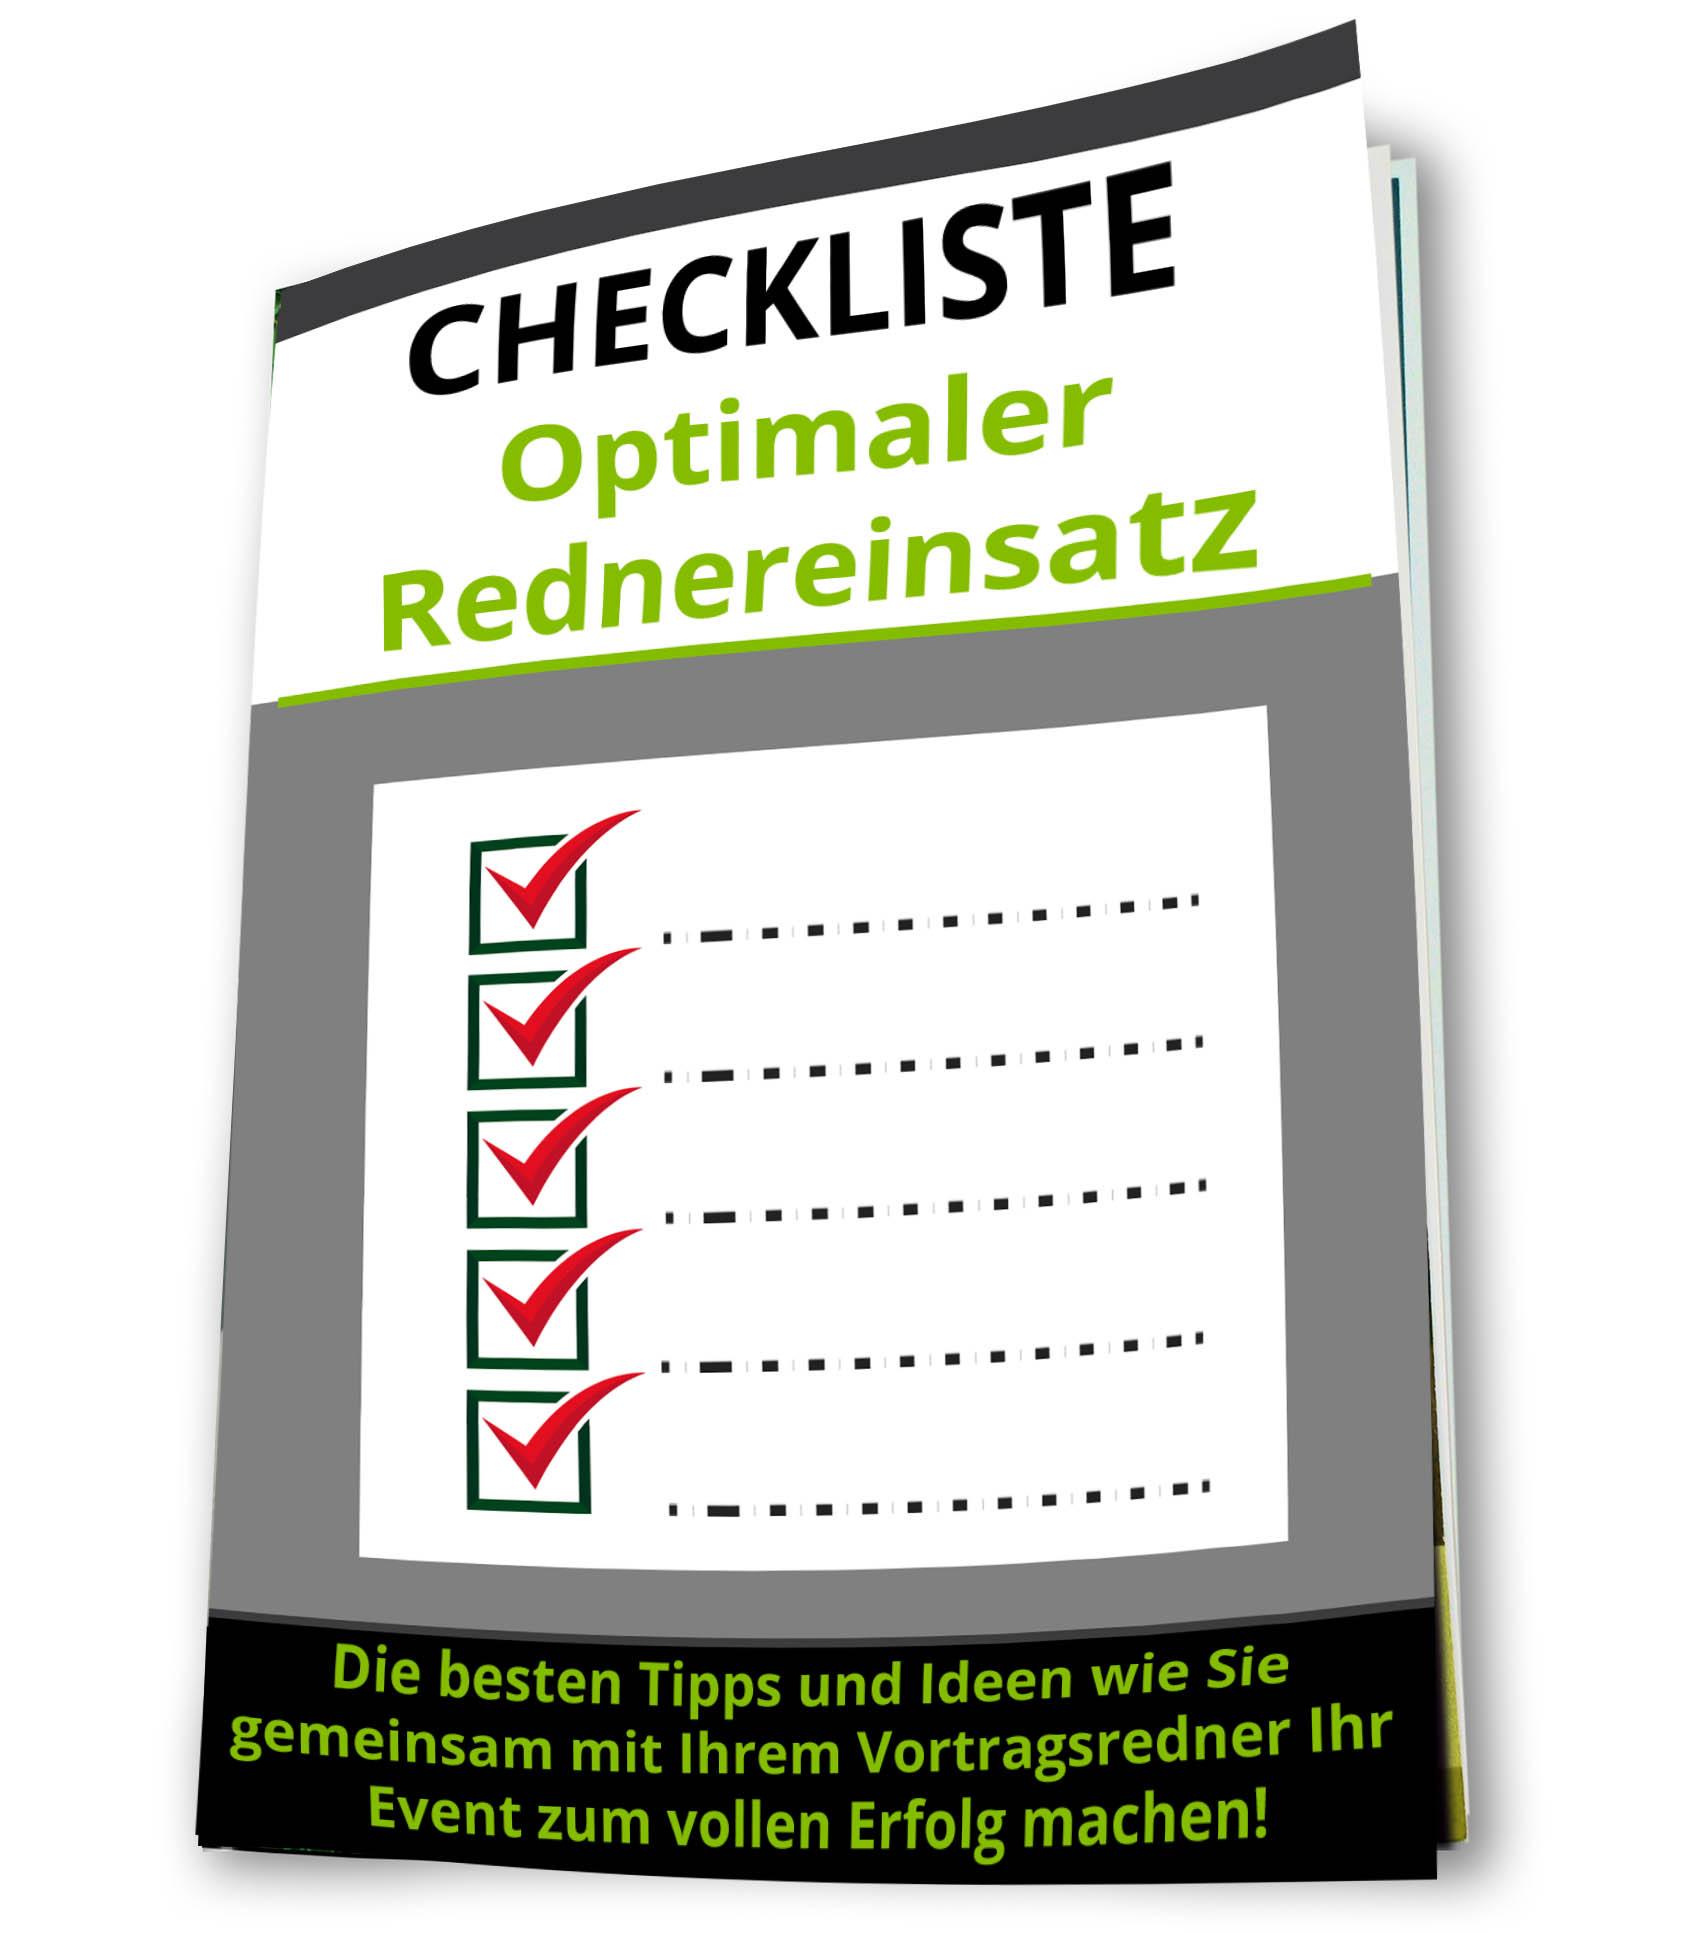 Checkliste Optimaler Rednereinsatz - Roman Kmenta - Vortragsredner